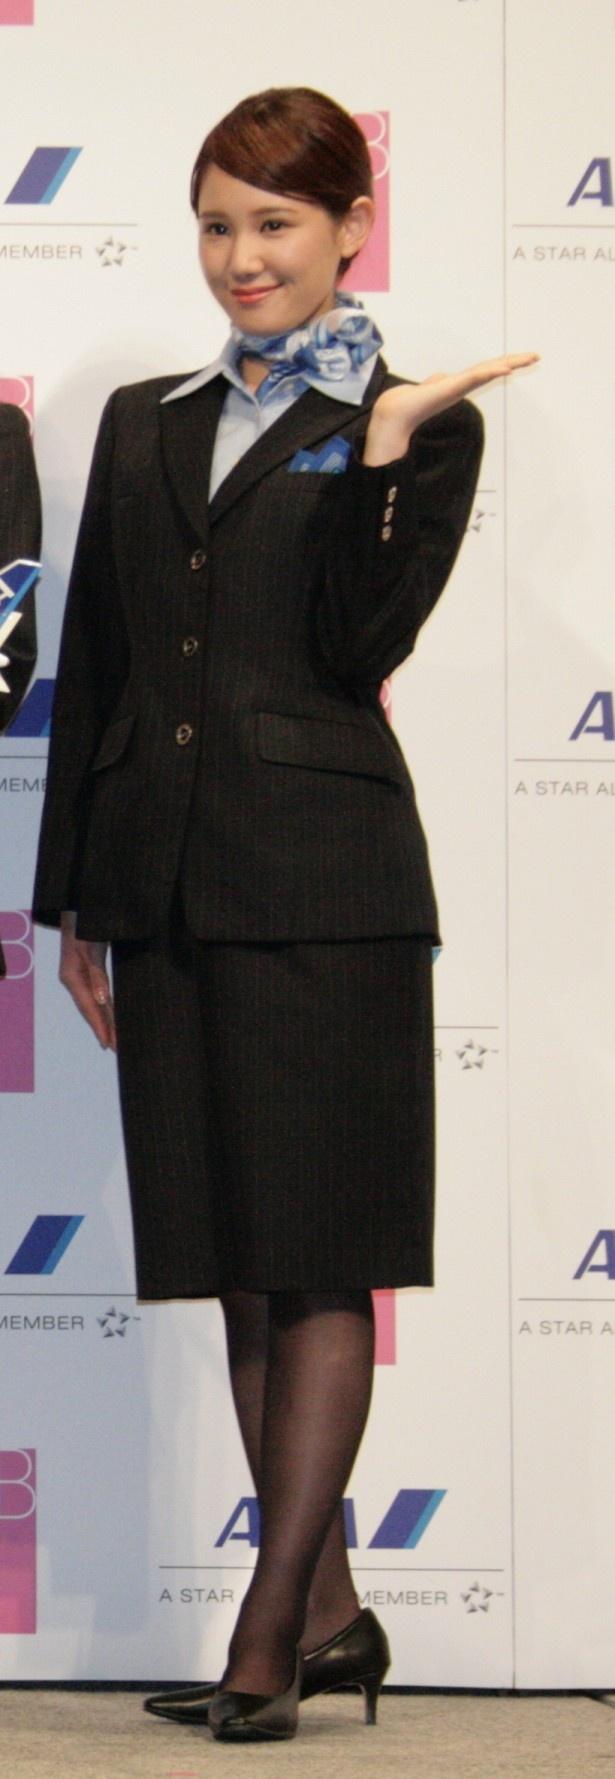 カメラマンの呼びかけに笑顔で応えるAKB48の鈴木まりや